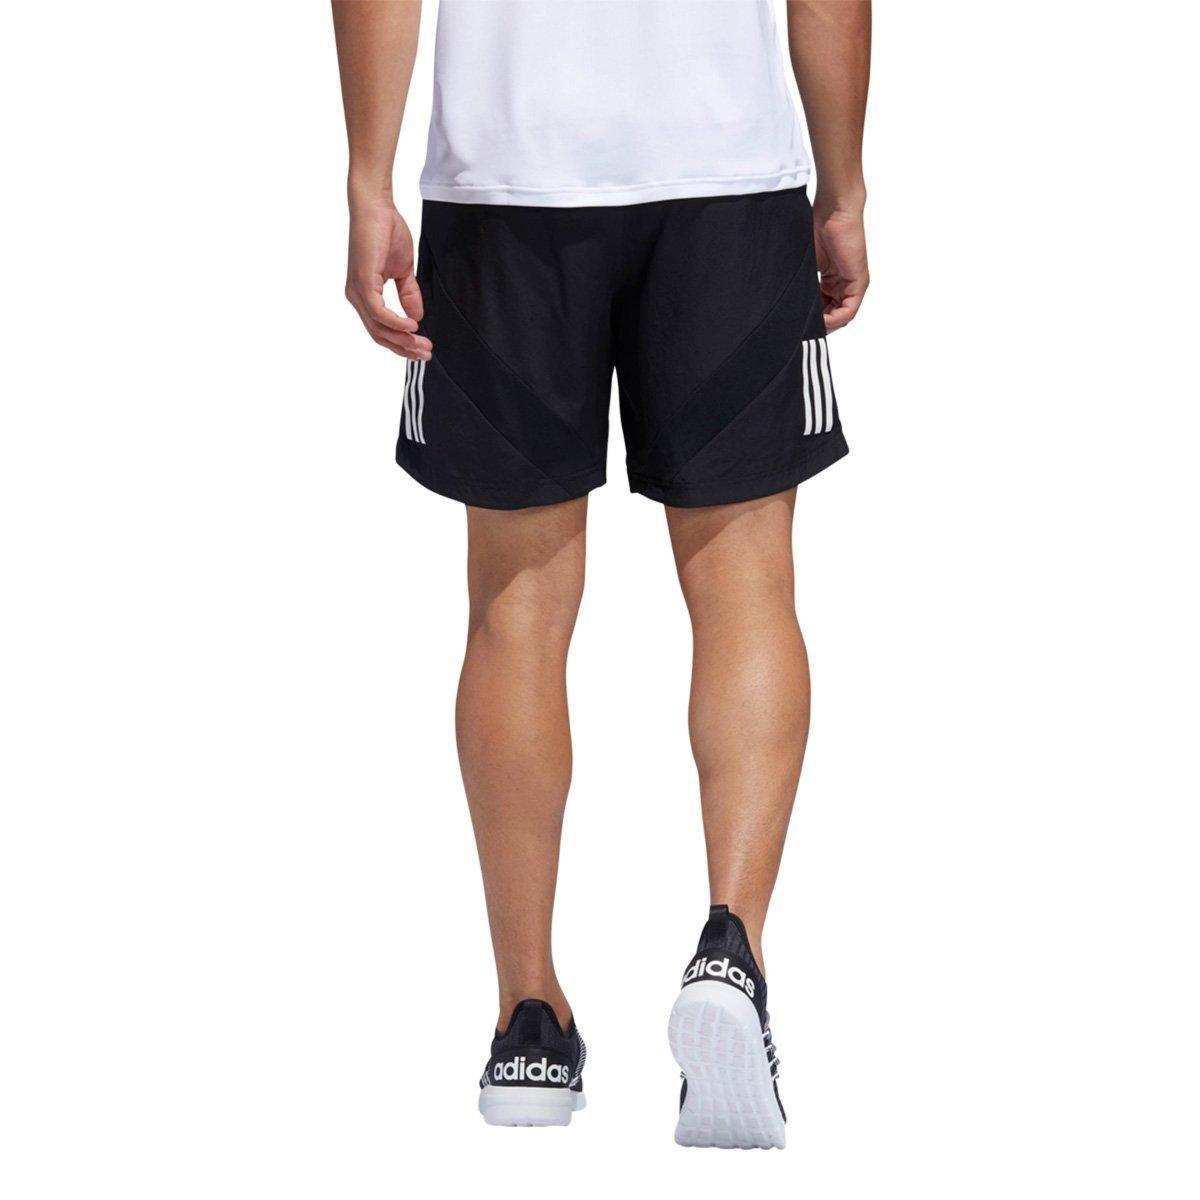 Short Adidas Own The Run Masculino - Tam: P - 1